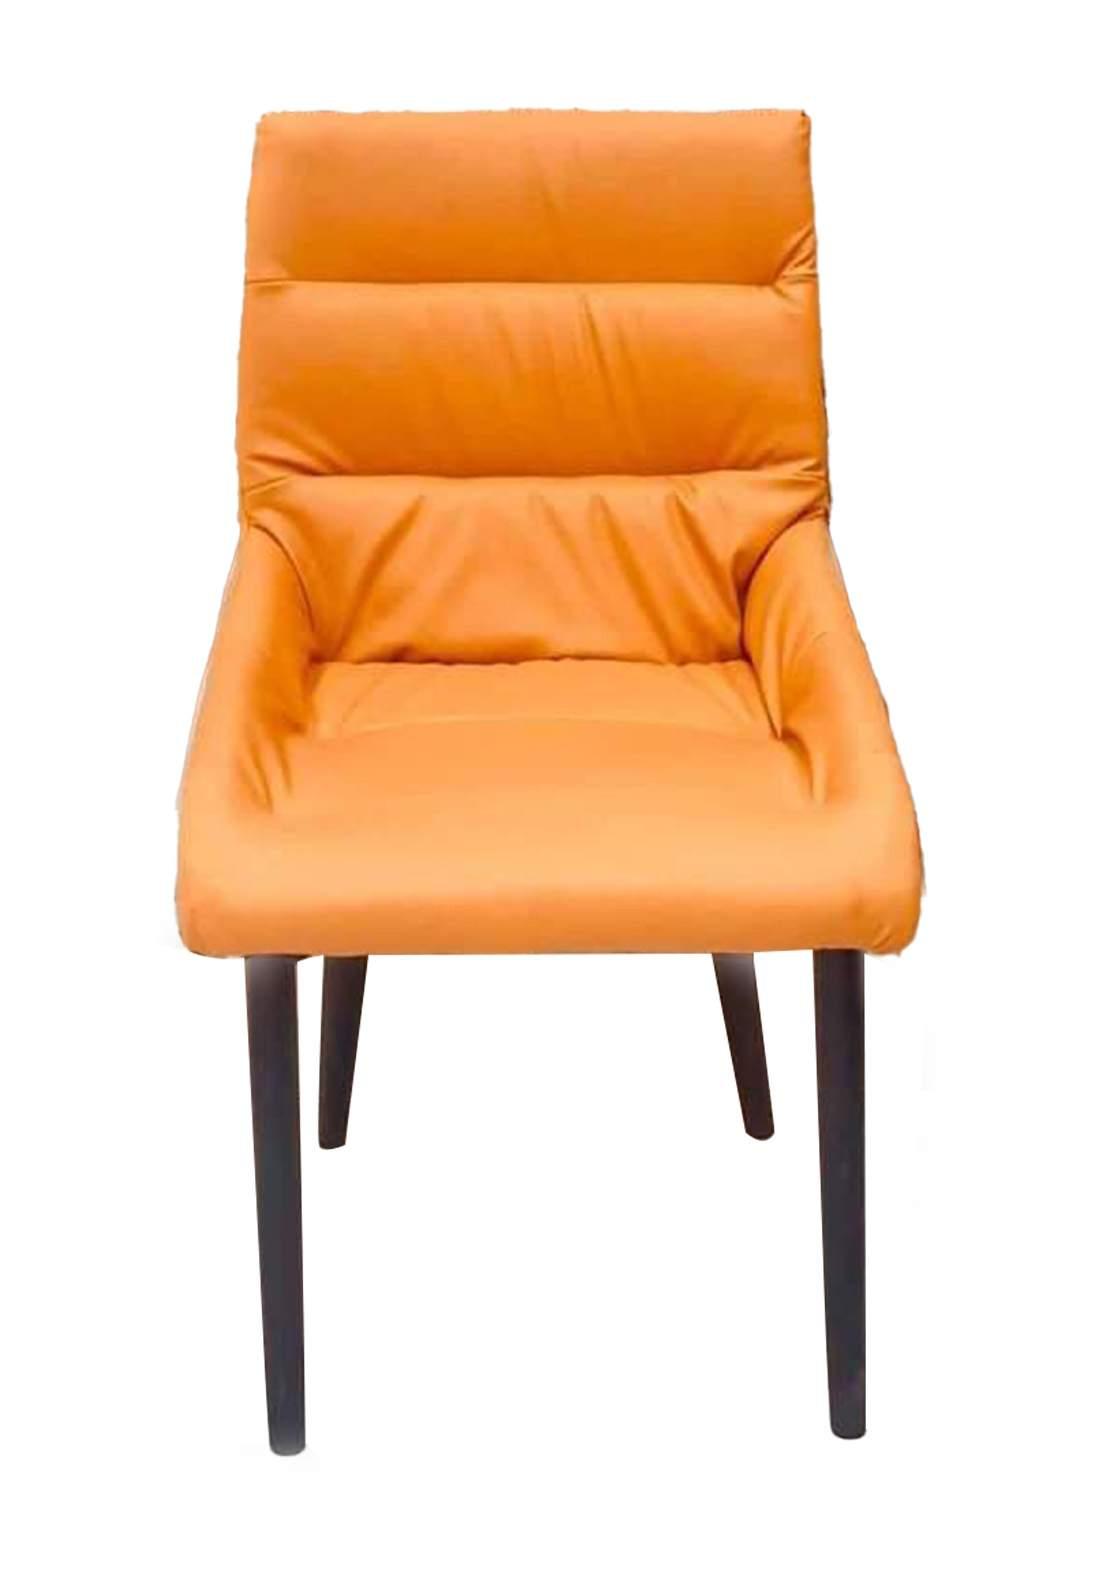 كرسي من سامبا هوم 222